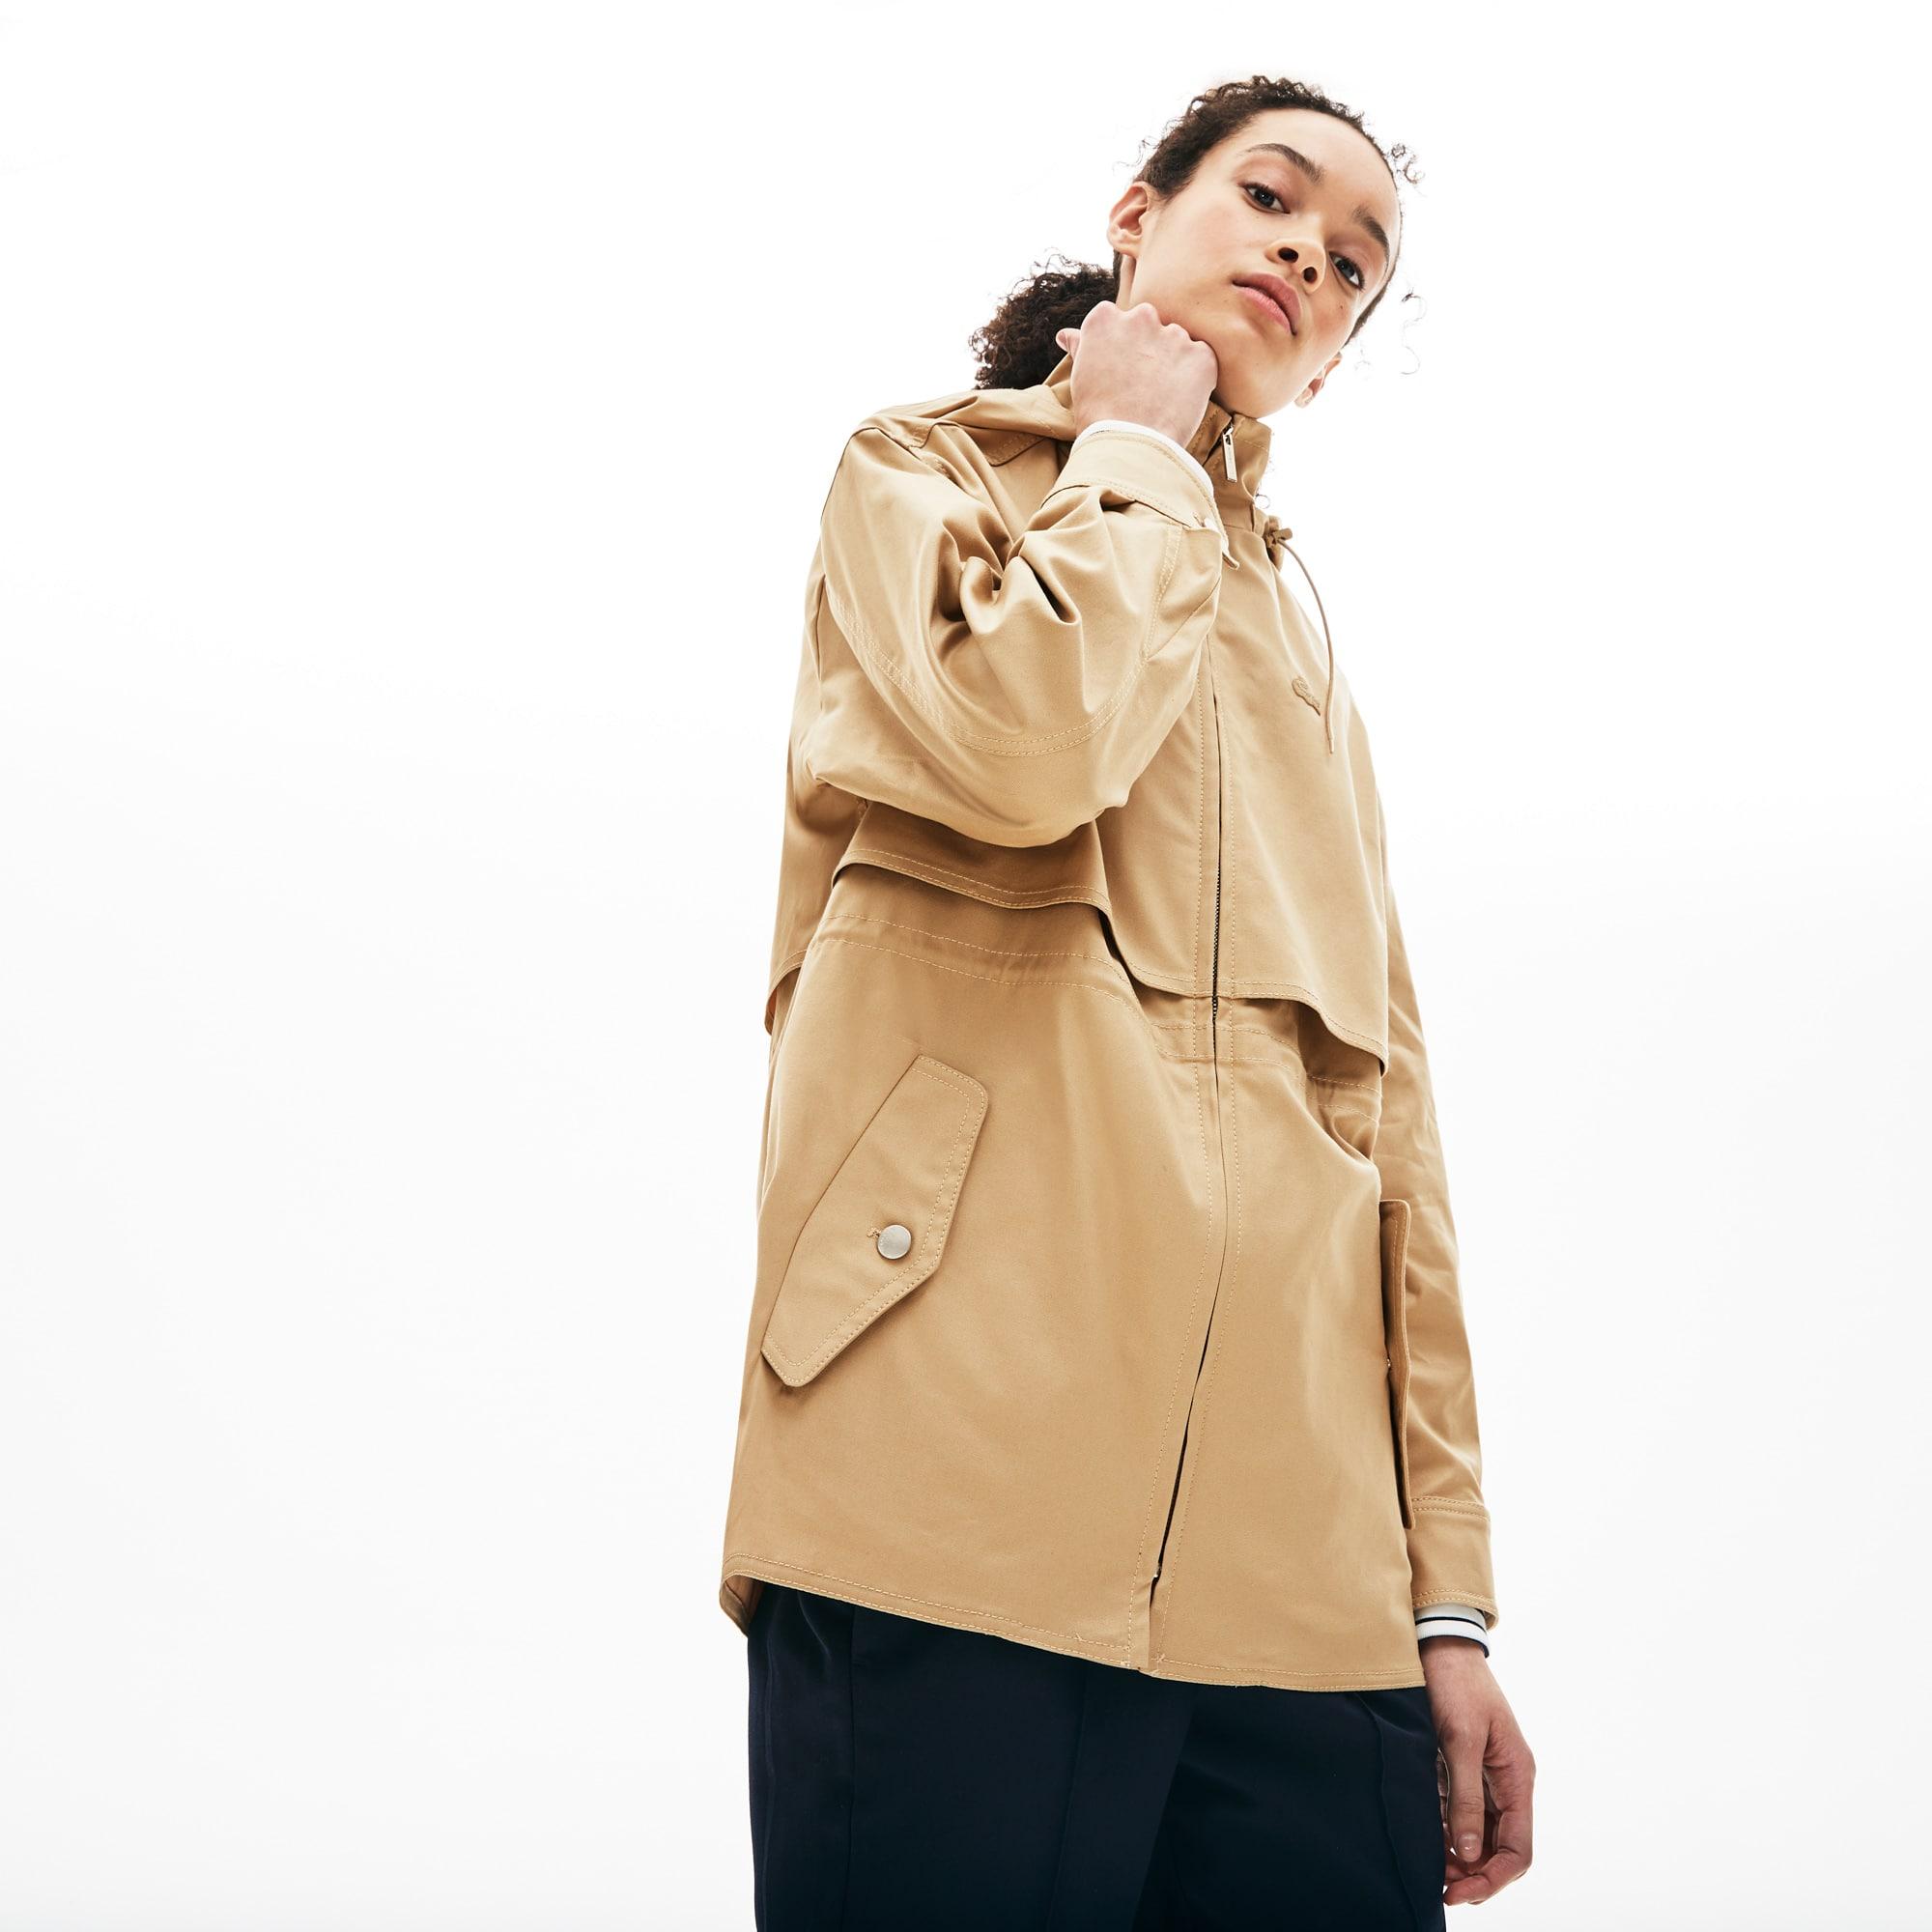 eead9e00ea Manteaux & Blousons | Vêtements Femme | LACOSTE